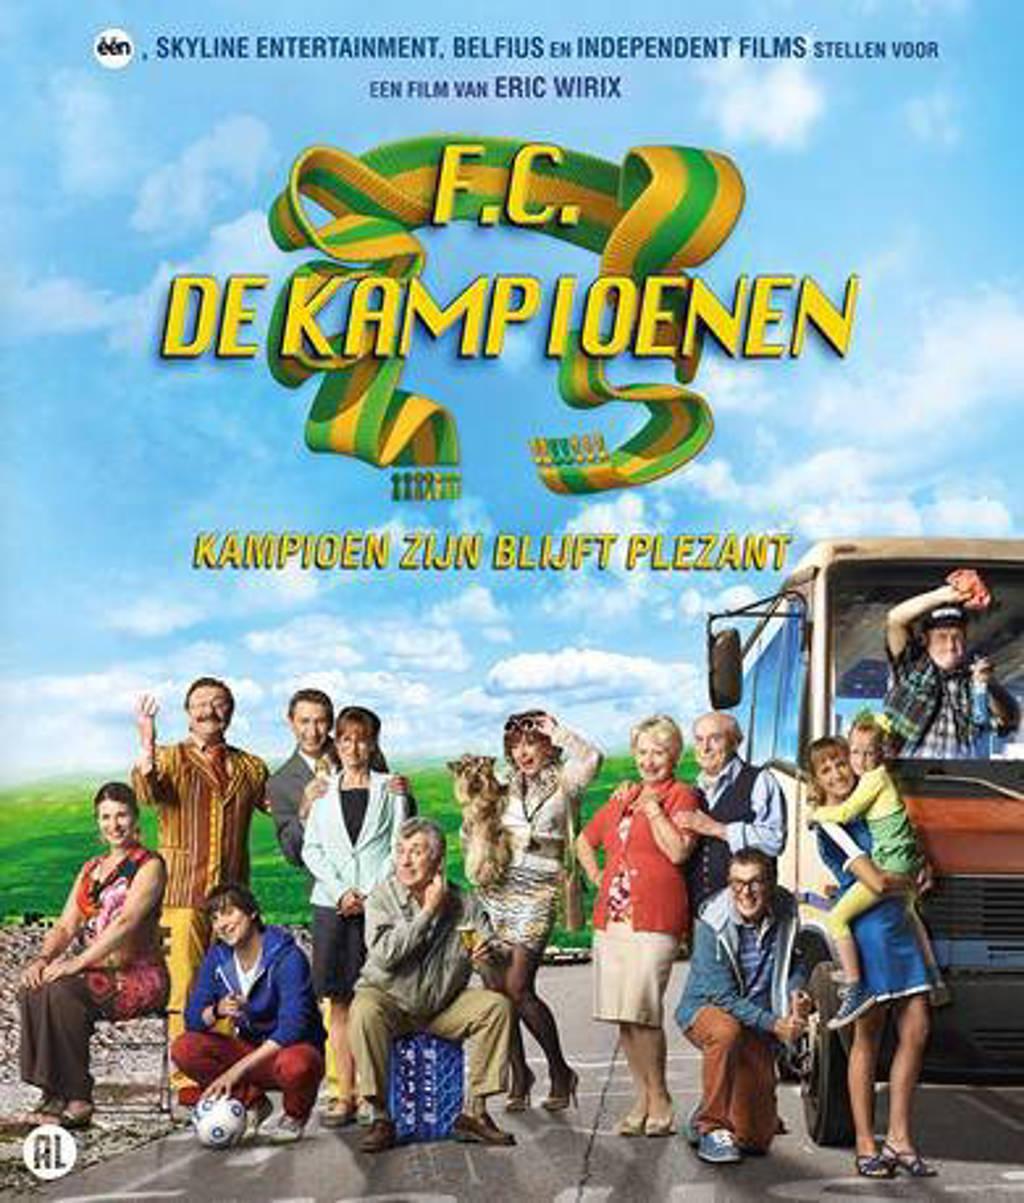 FC de kampioenen - Kampioen zijn blijft plezant (Blu-ray)